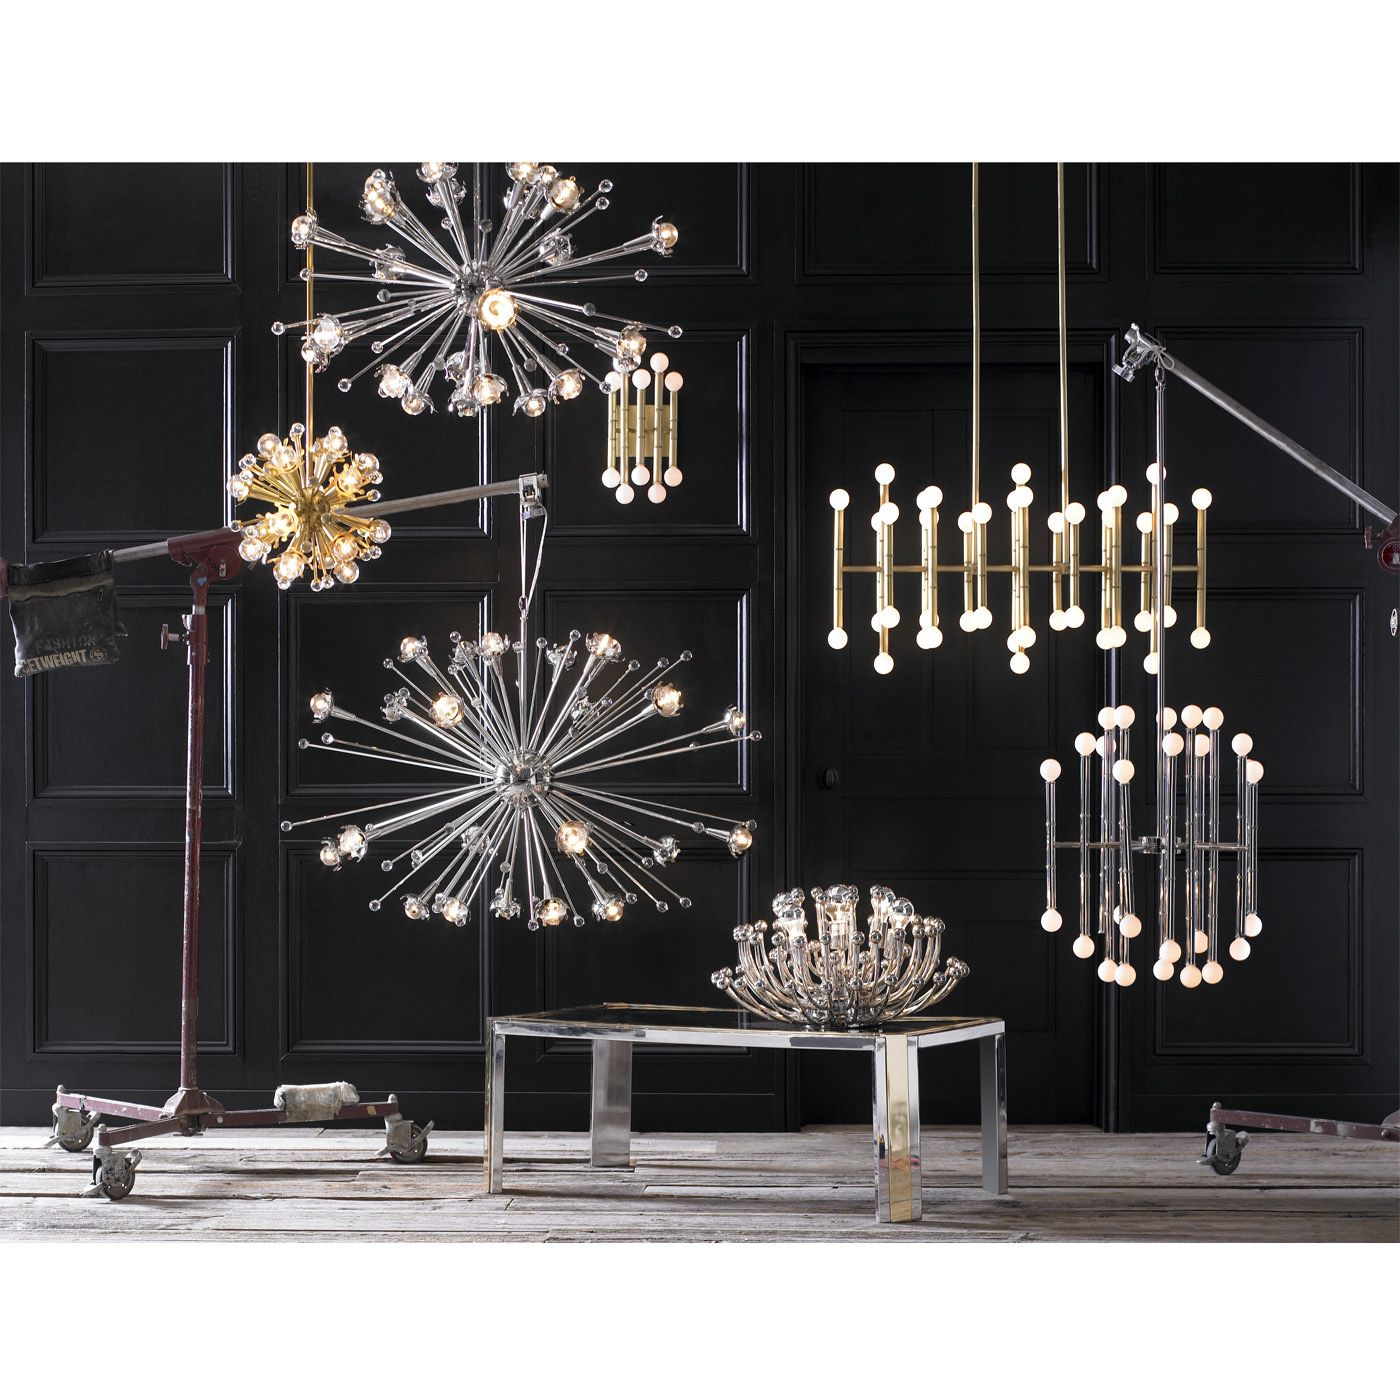 Sputnik 24 Light Chandelier online from AllModern we make it as